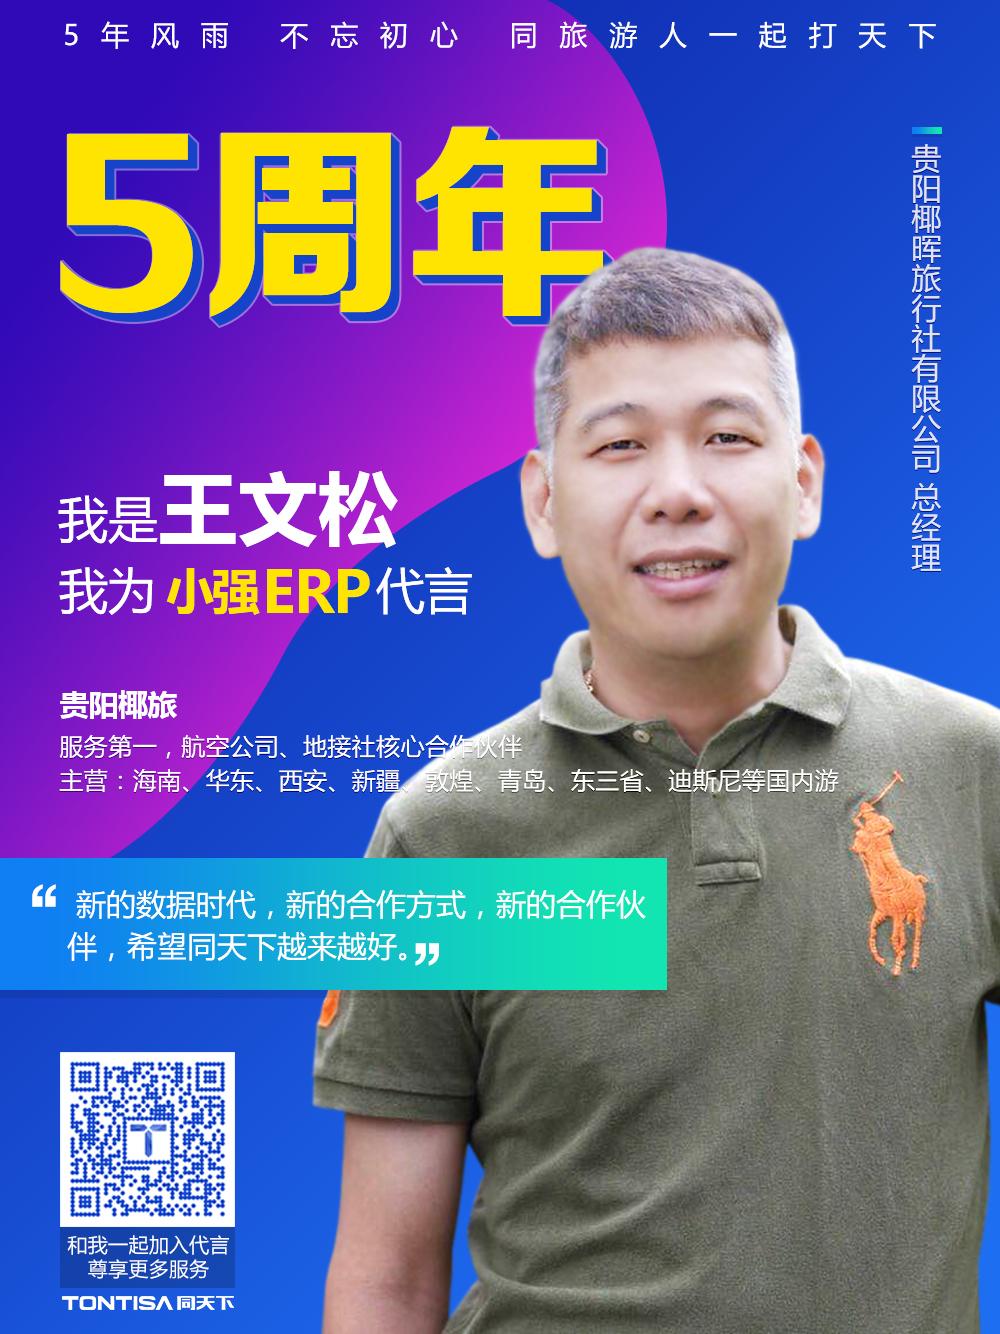 32、贵阳椰晖(王文松).png